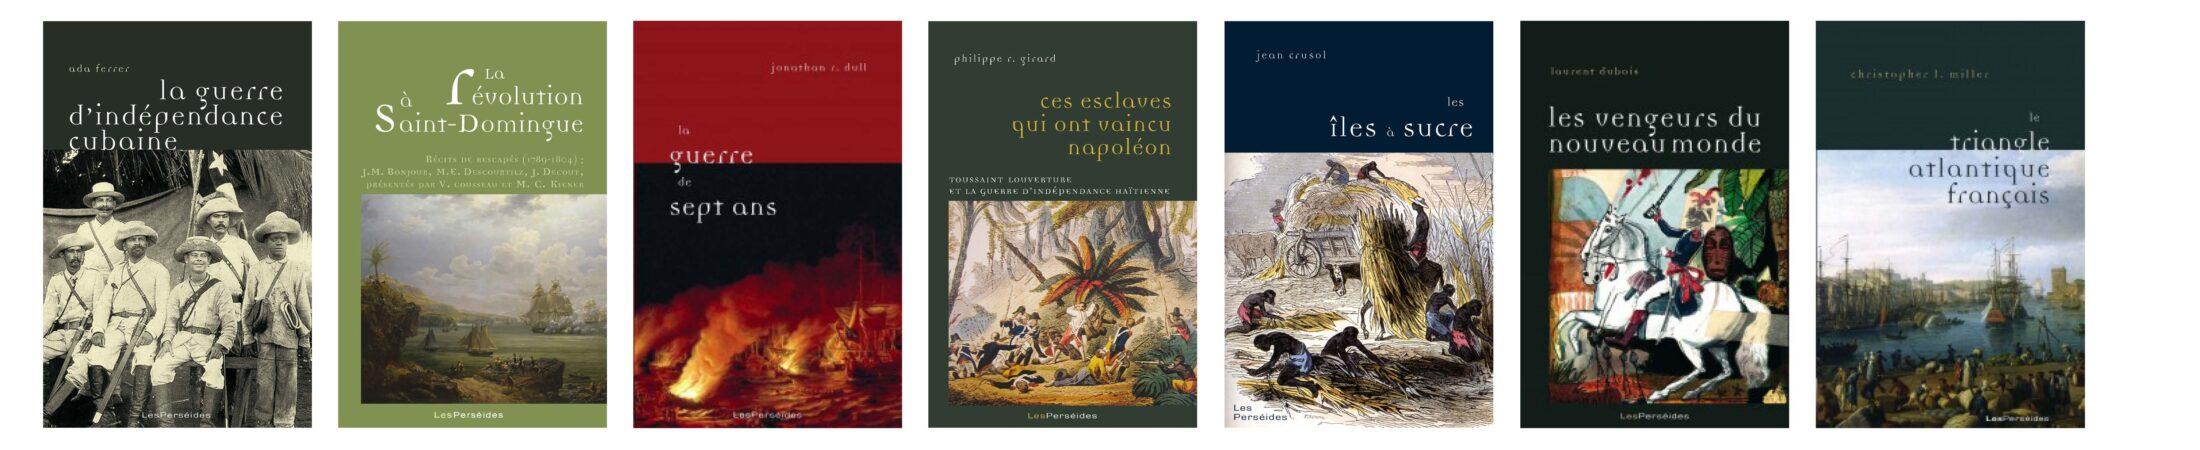 Editions Les Perséides